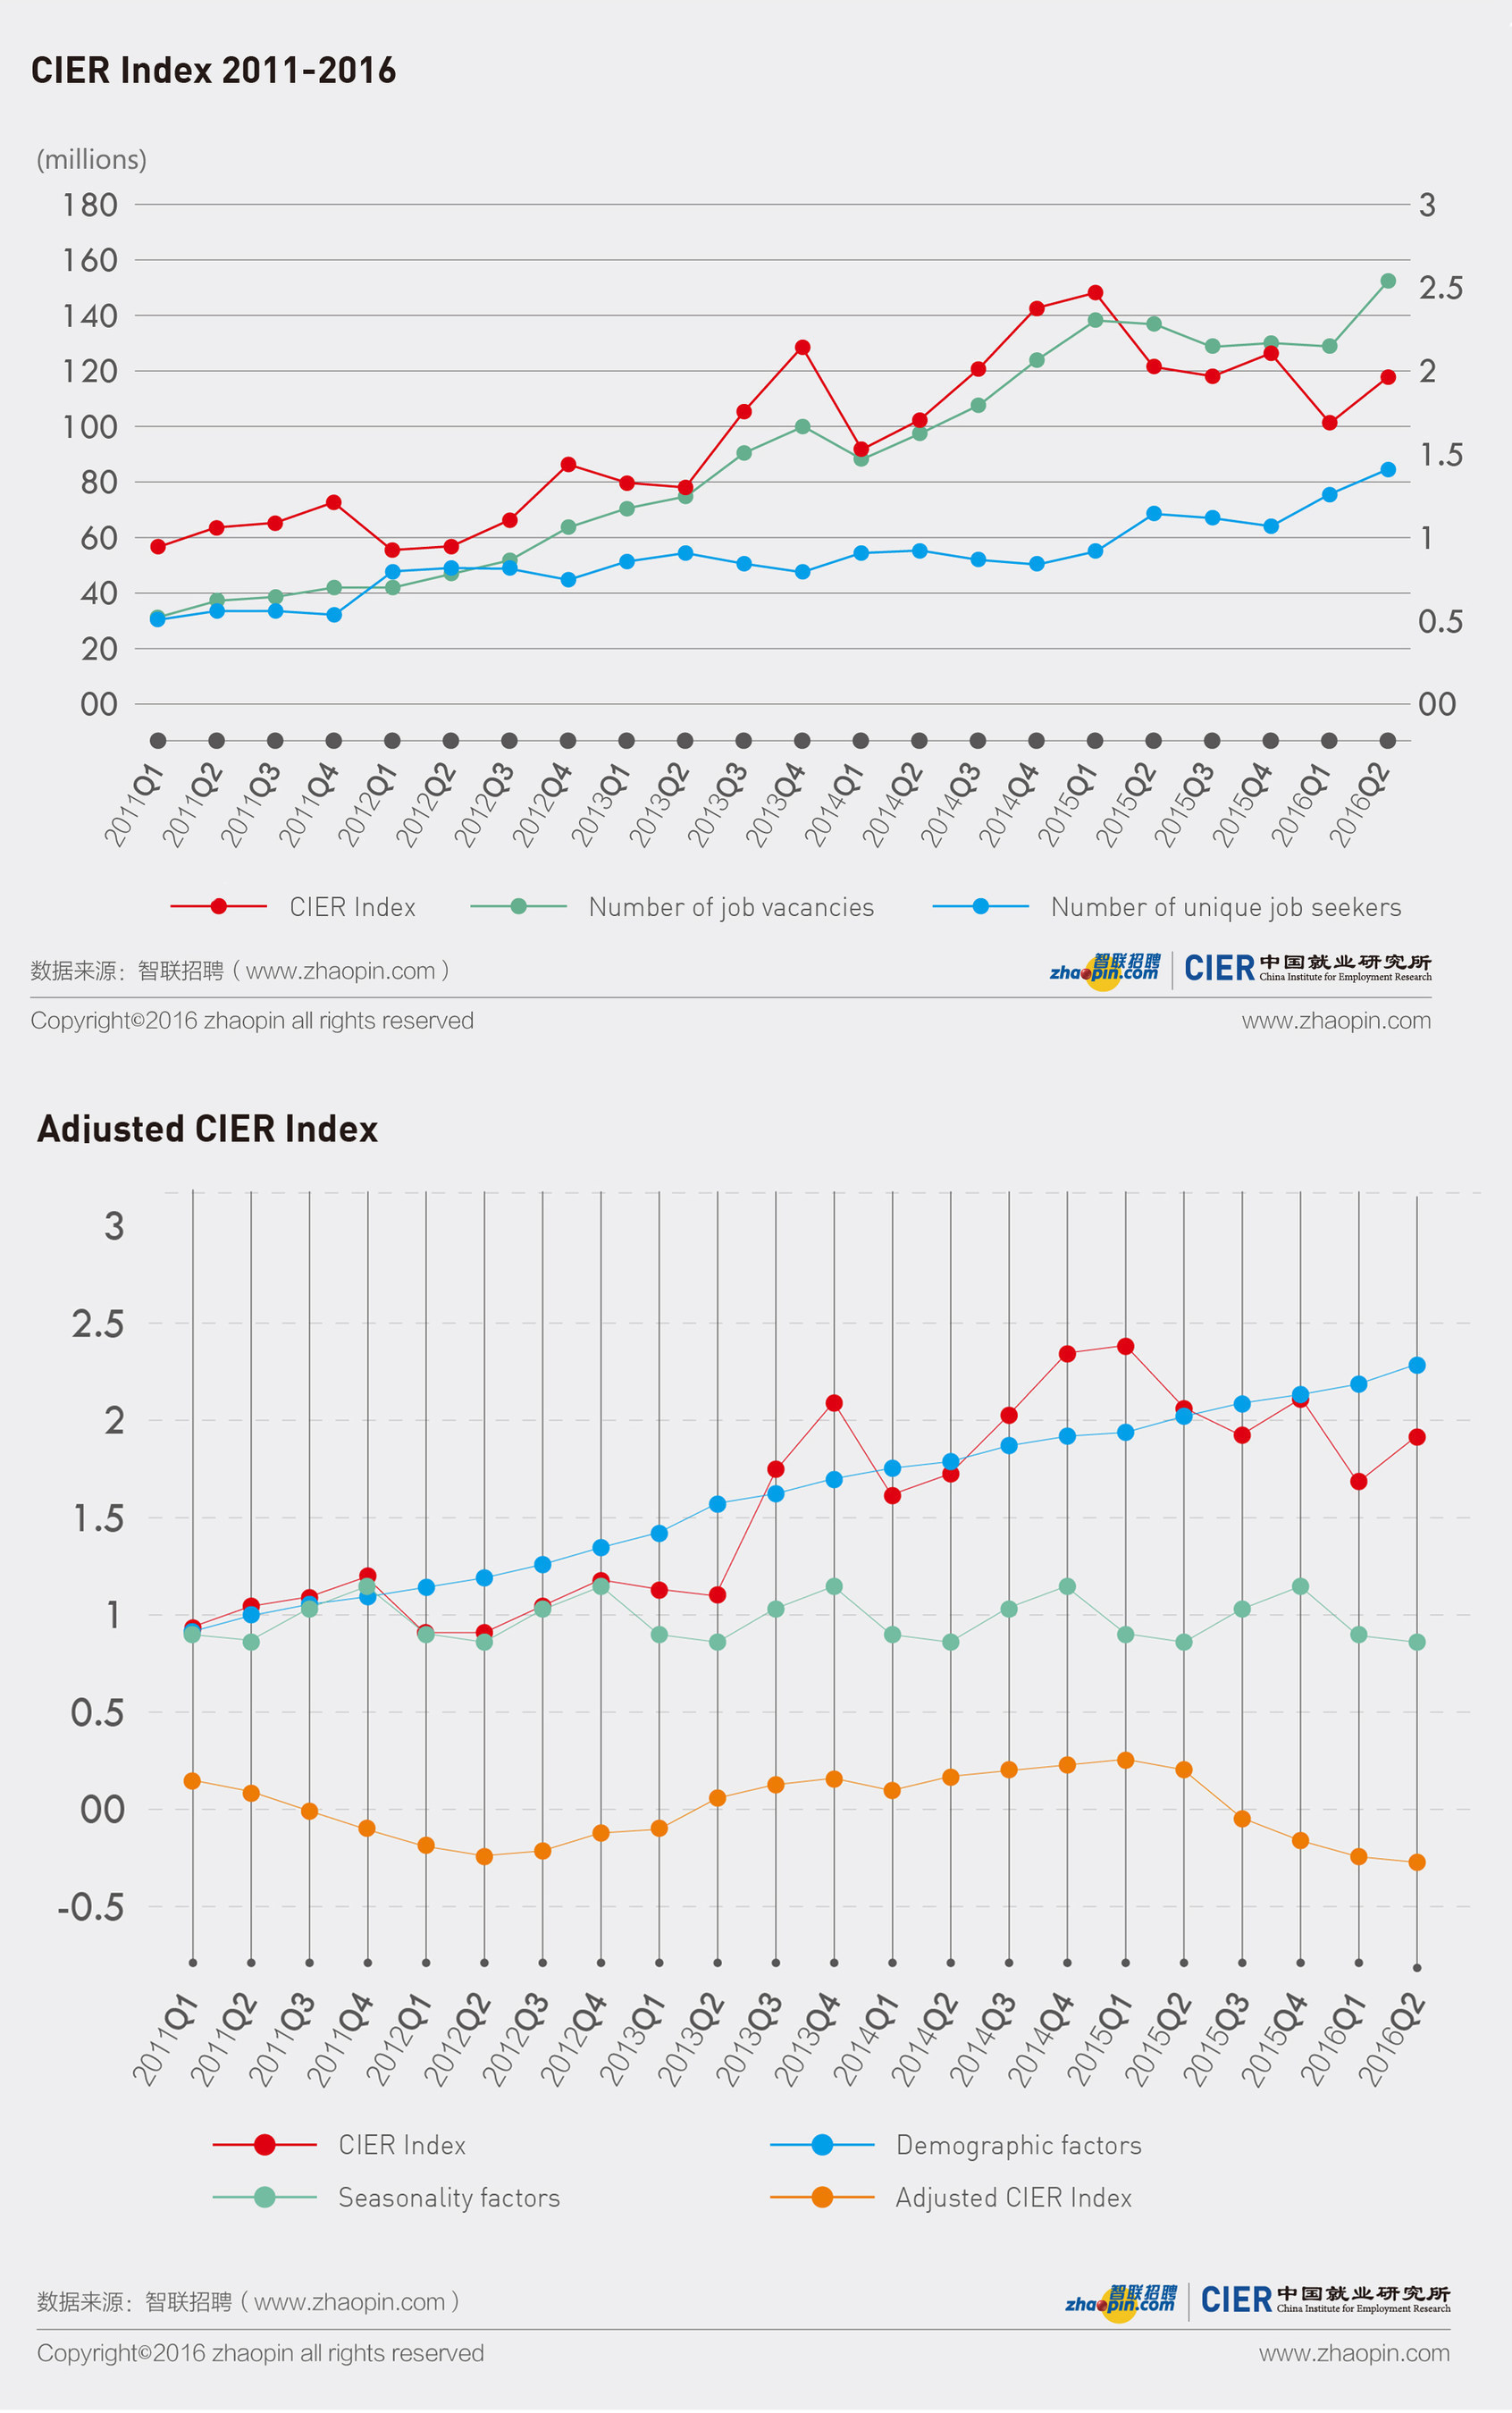 CIER Index 2011-2016 and Adjusted CIER Index